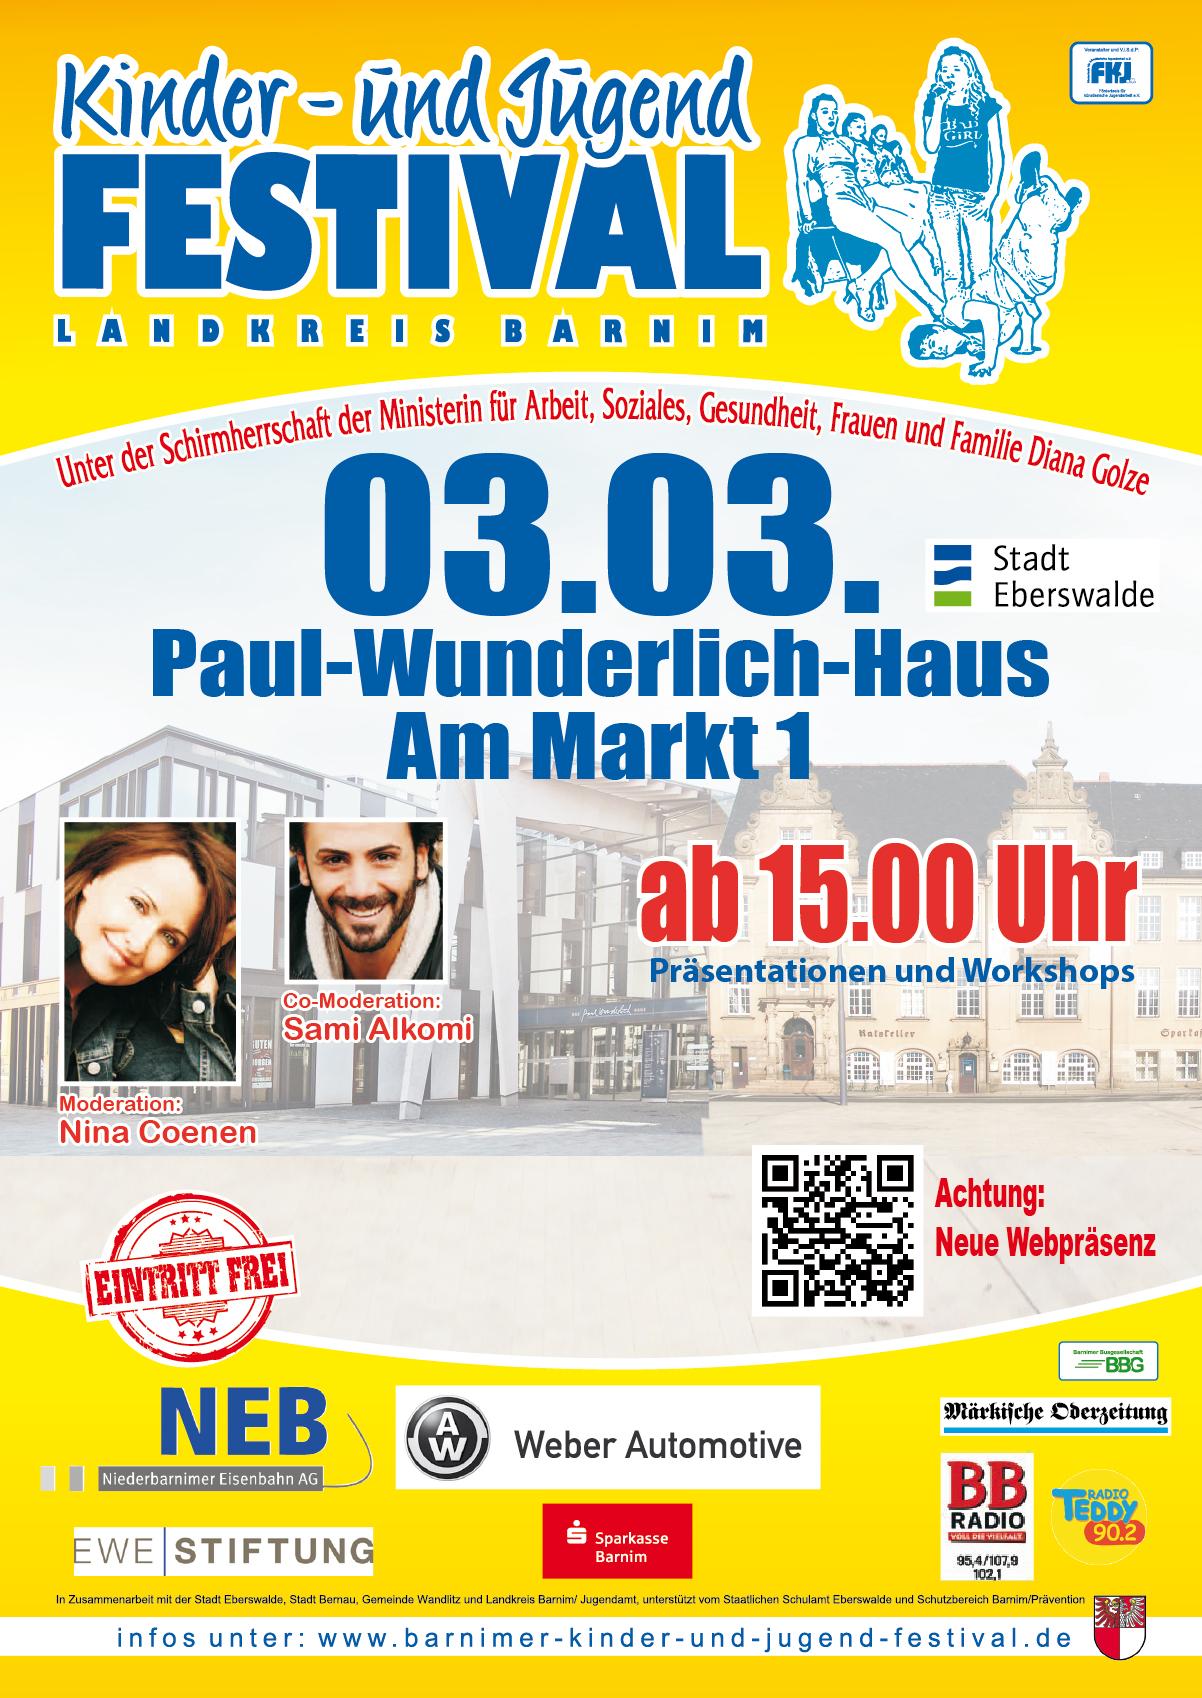 Plakat - Vorfestival - Eberswalde 2016